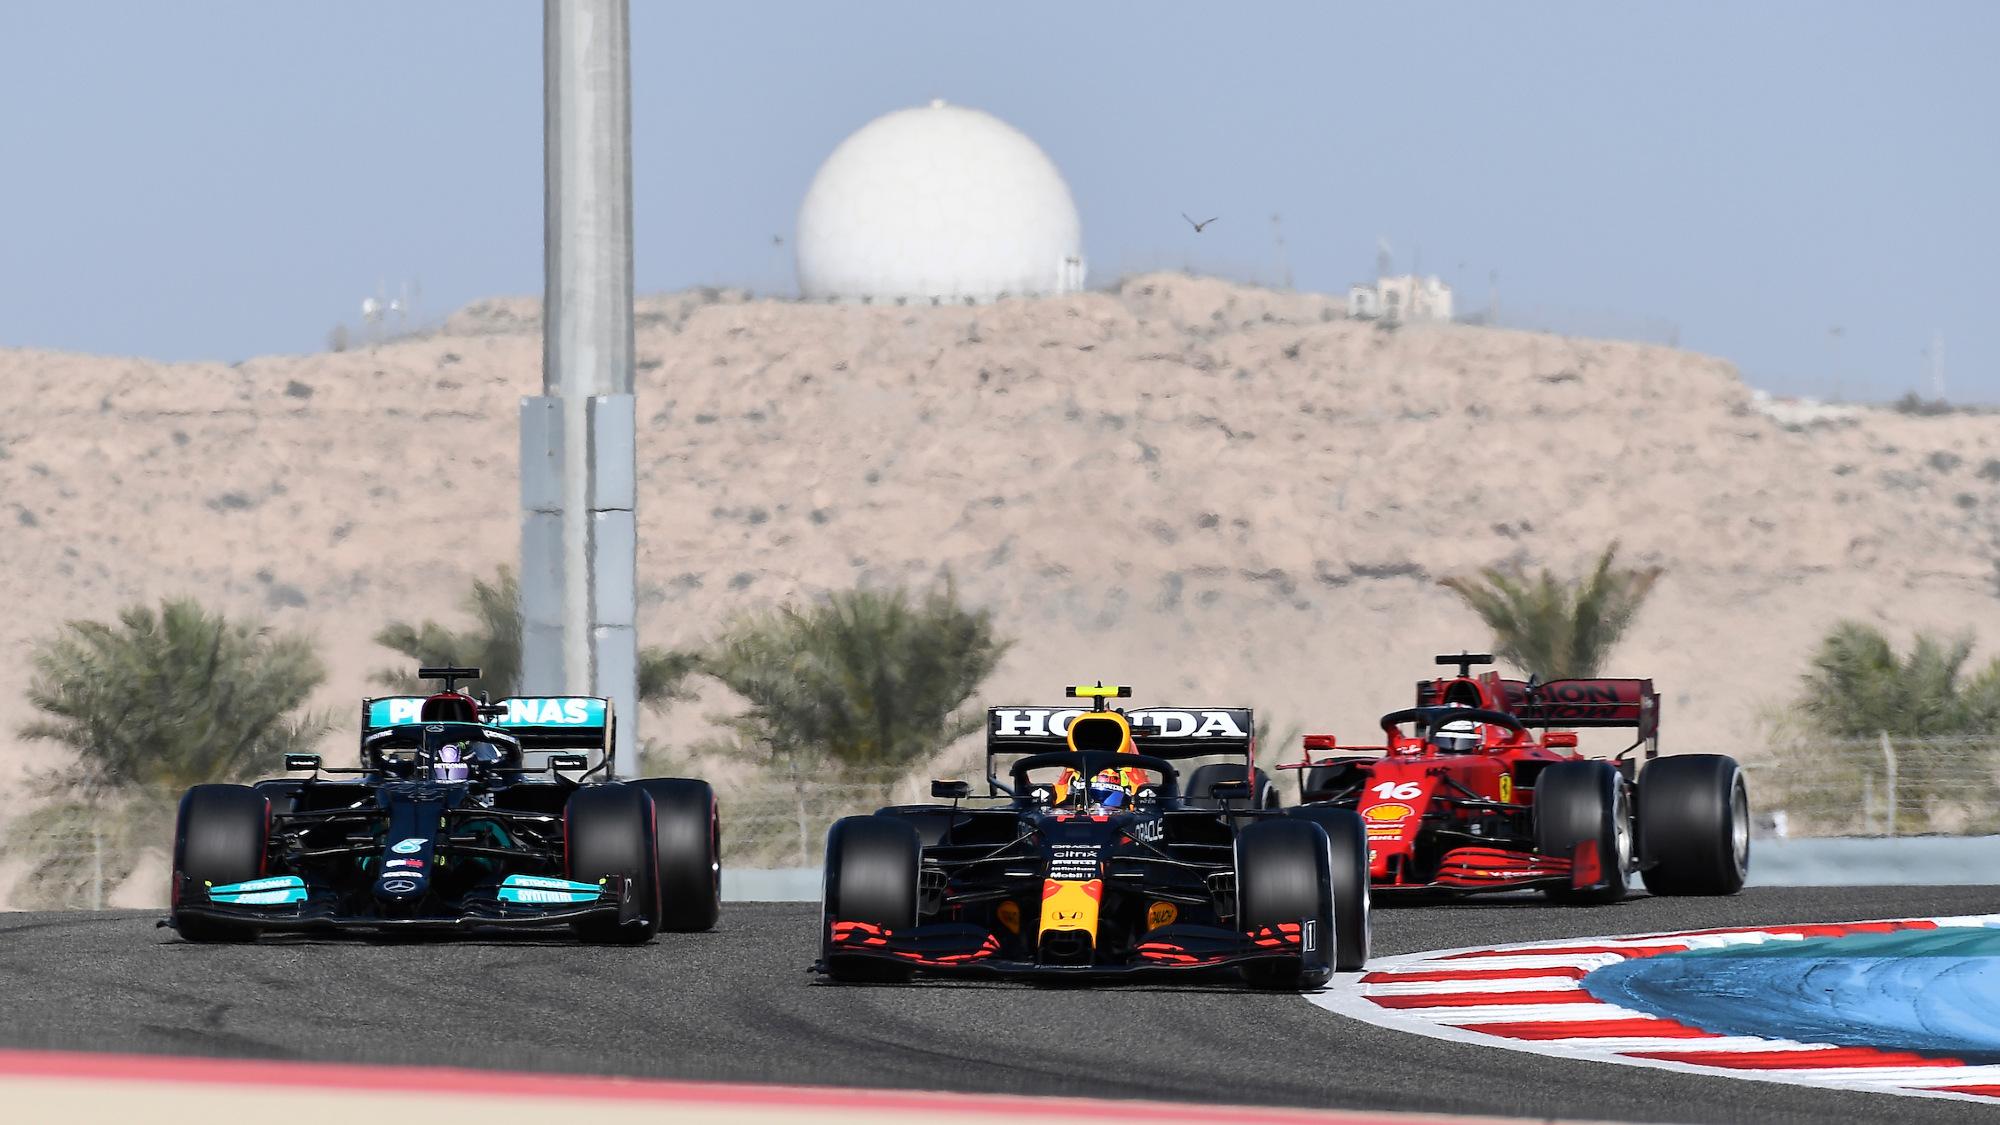 Bahrain FP1 2021